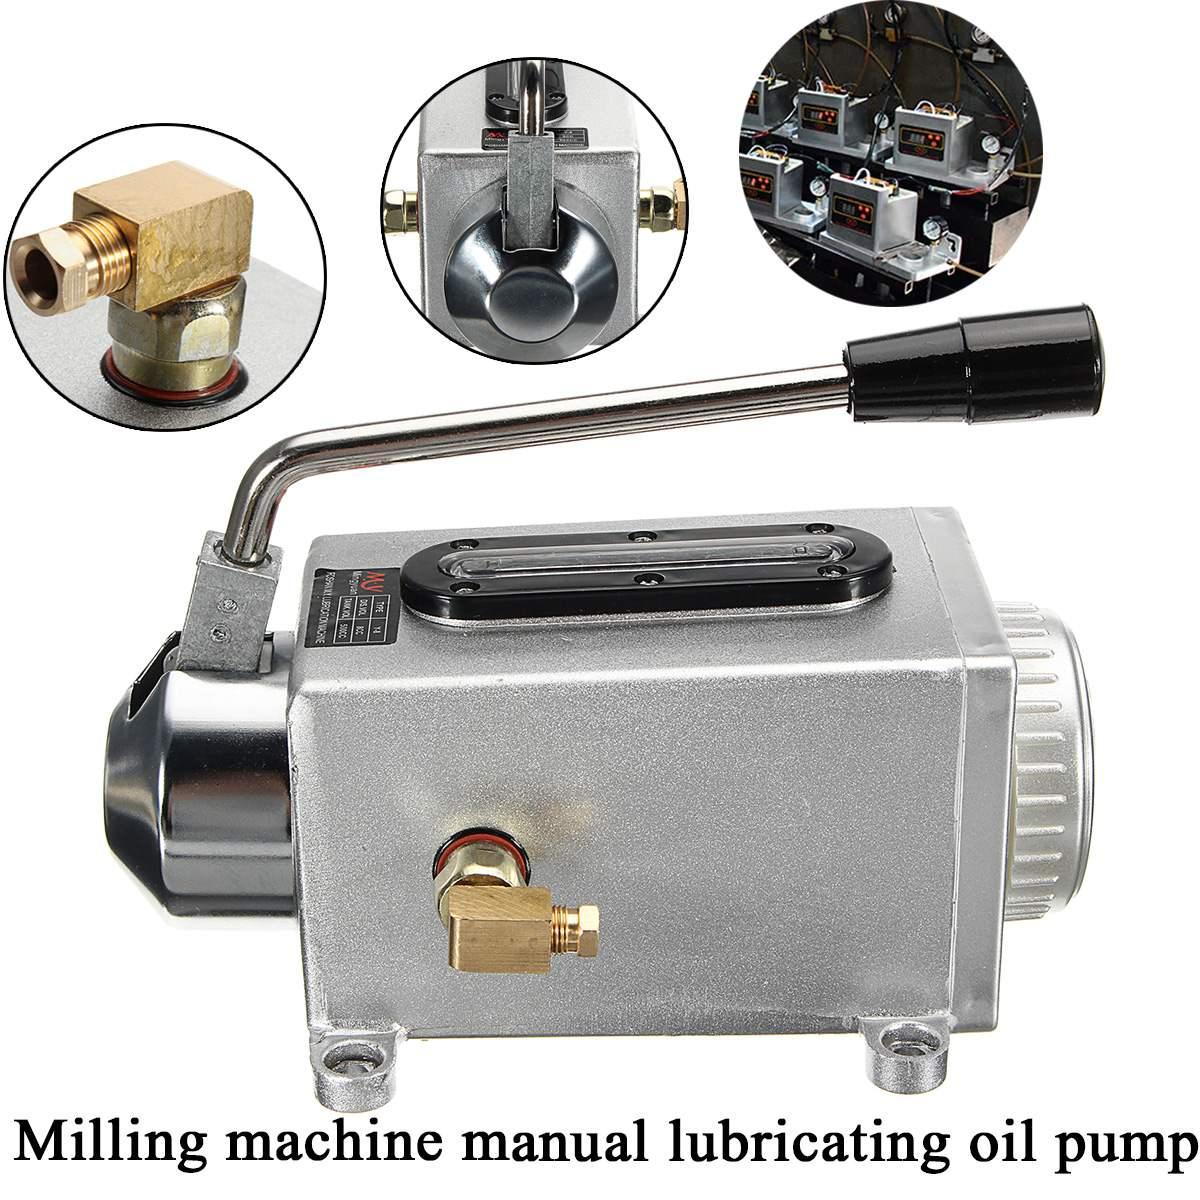 Y-8 à main manuelle pompe lubrification pompe de poinçonnage Machine à huile CNC